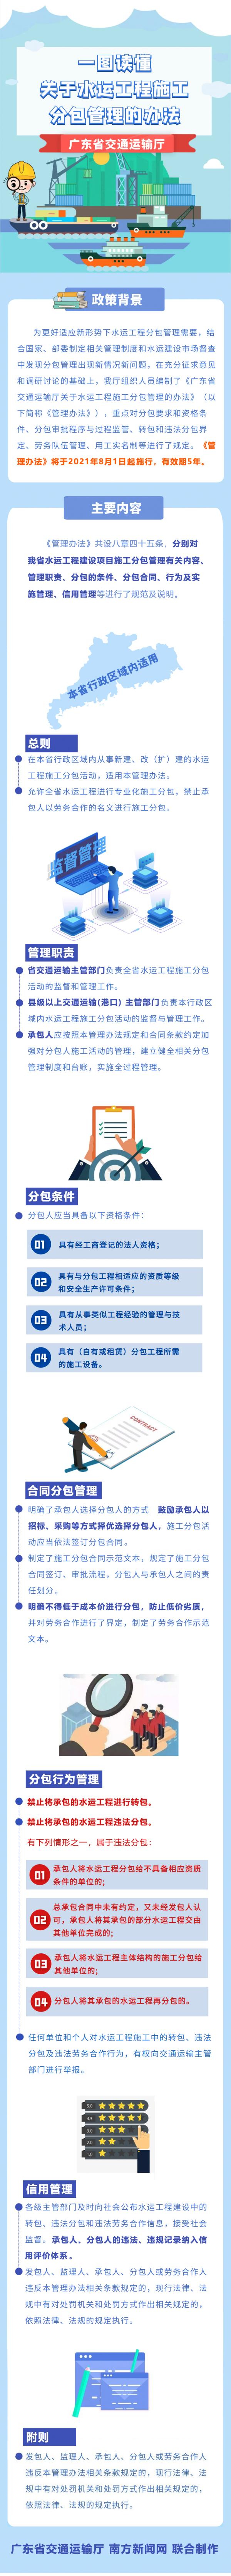 一图读懂《广东省交通运输厅关于水运工程施工分包管理的办法》3.jpg